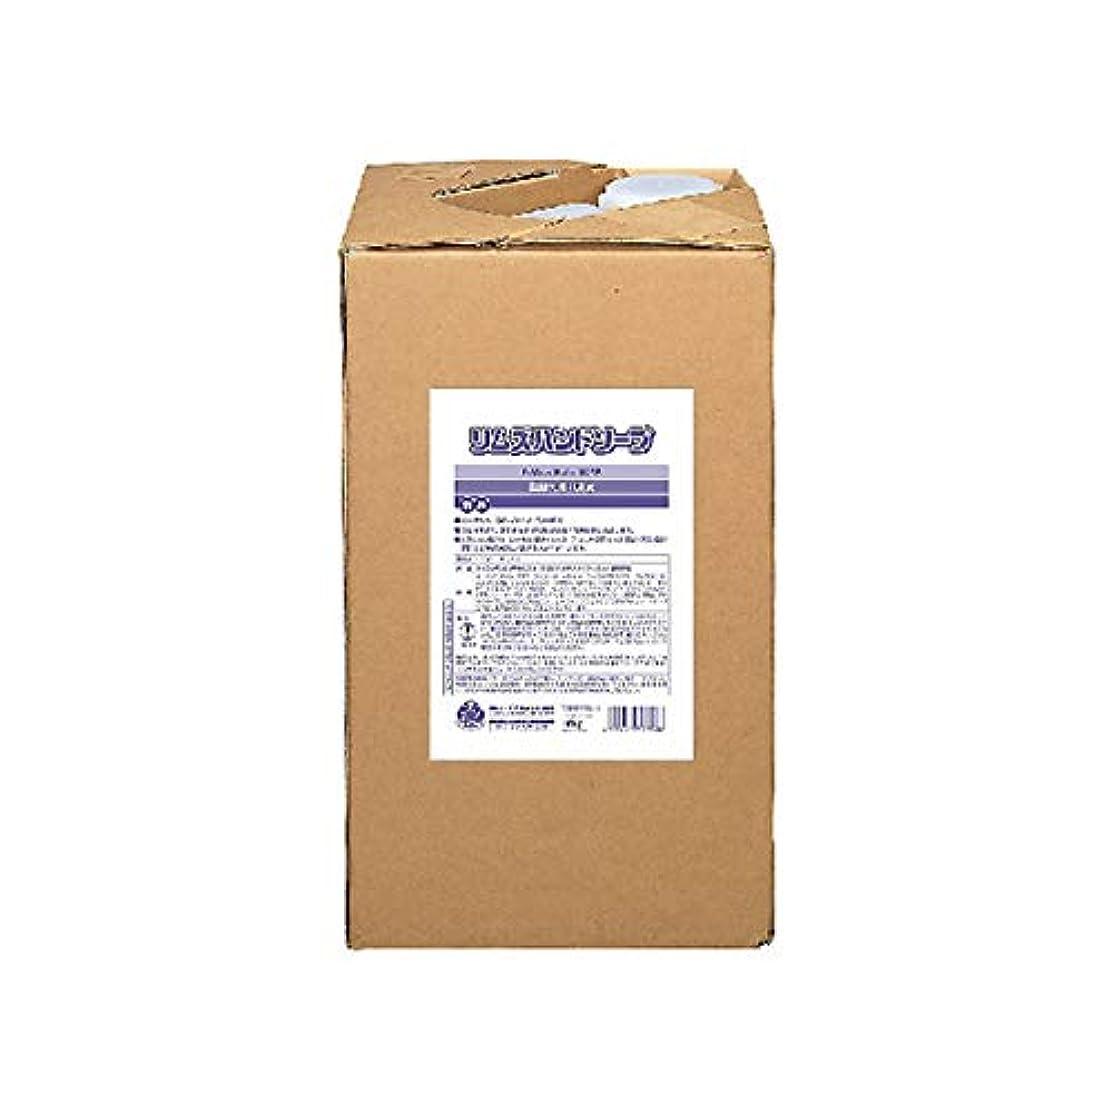 間欠いらいらする野ウサギイチネンケミカルズ:リムズハンドソープ 詰替用 16kg 518